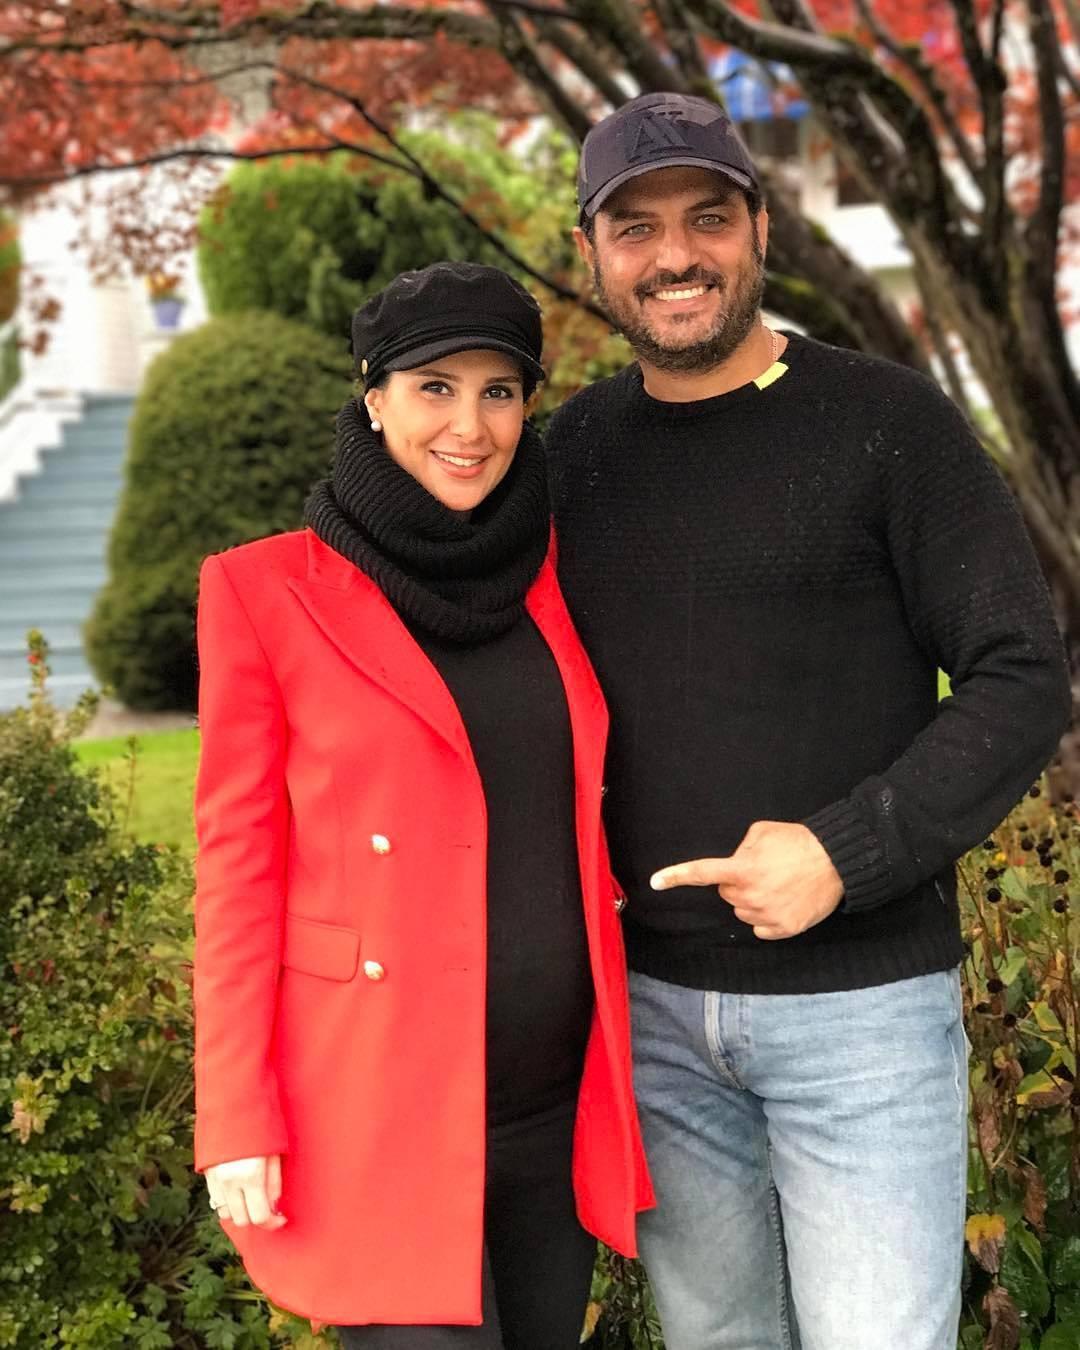 عکس جدید سام درخشانی با همسر باردارش